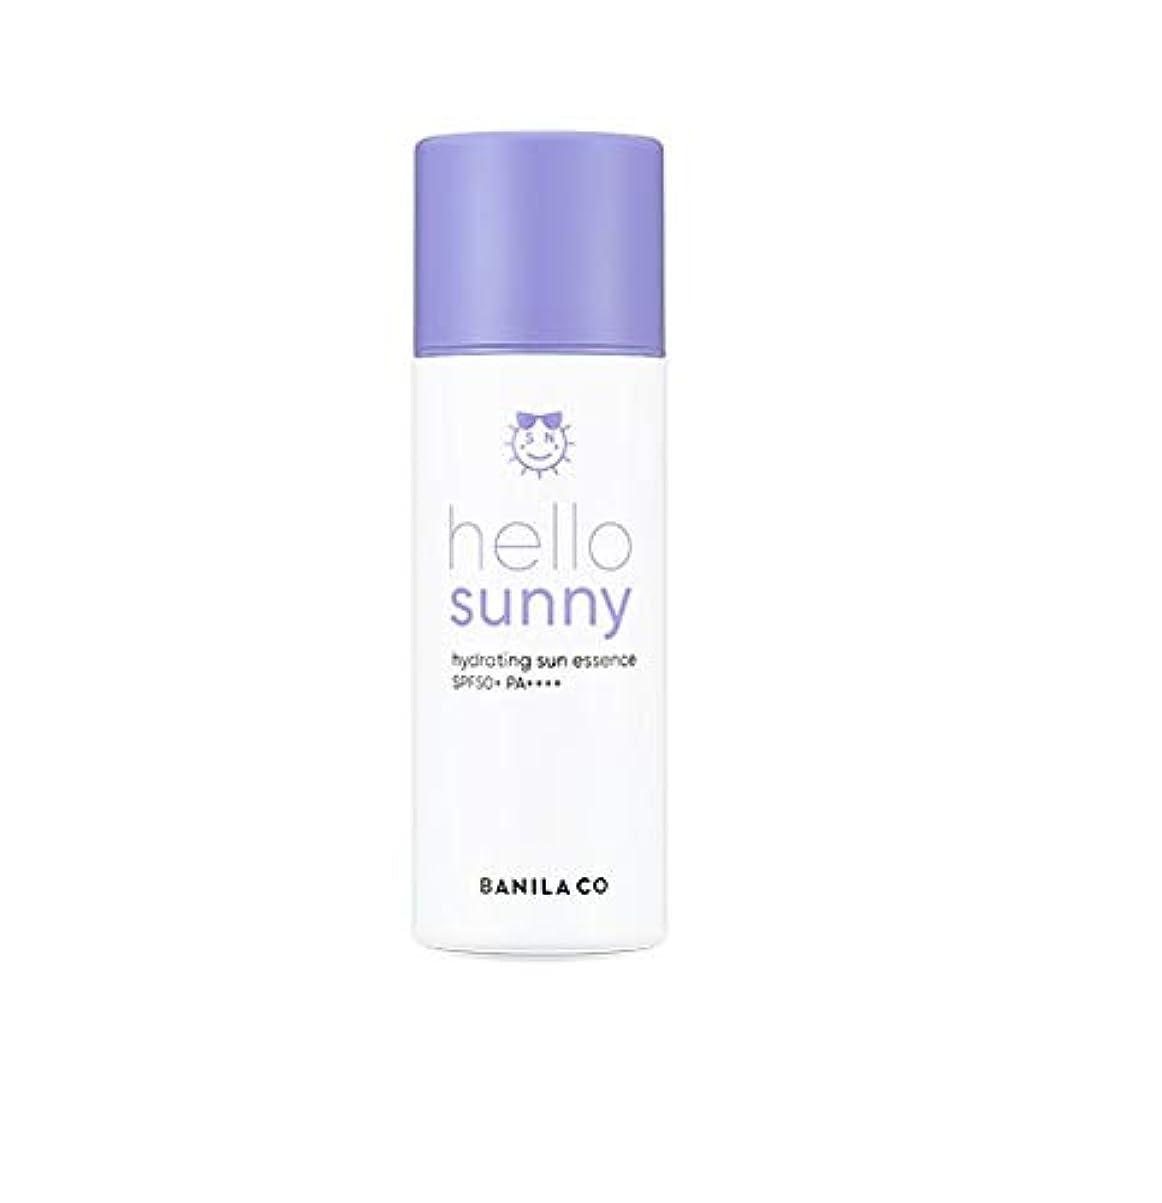 スタックモットー望みbanilaco こんにちはサニーハイドレイティングエッセンスサンブロックSPF50 + PA ++++ / Hello Sunny Hydrating Essence Sunblock SPF50 + PA ++++ 50ml [並行輸入品]